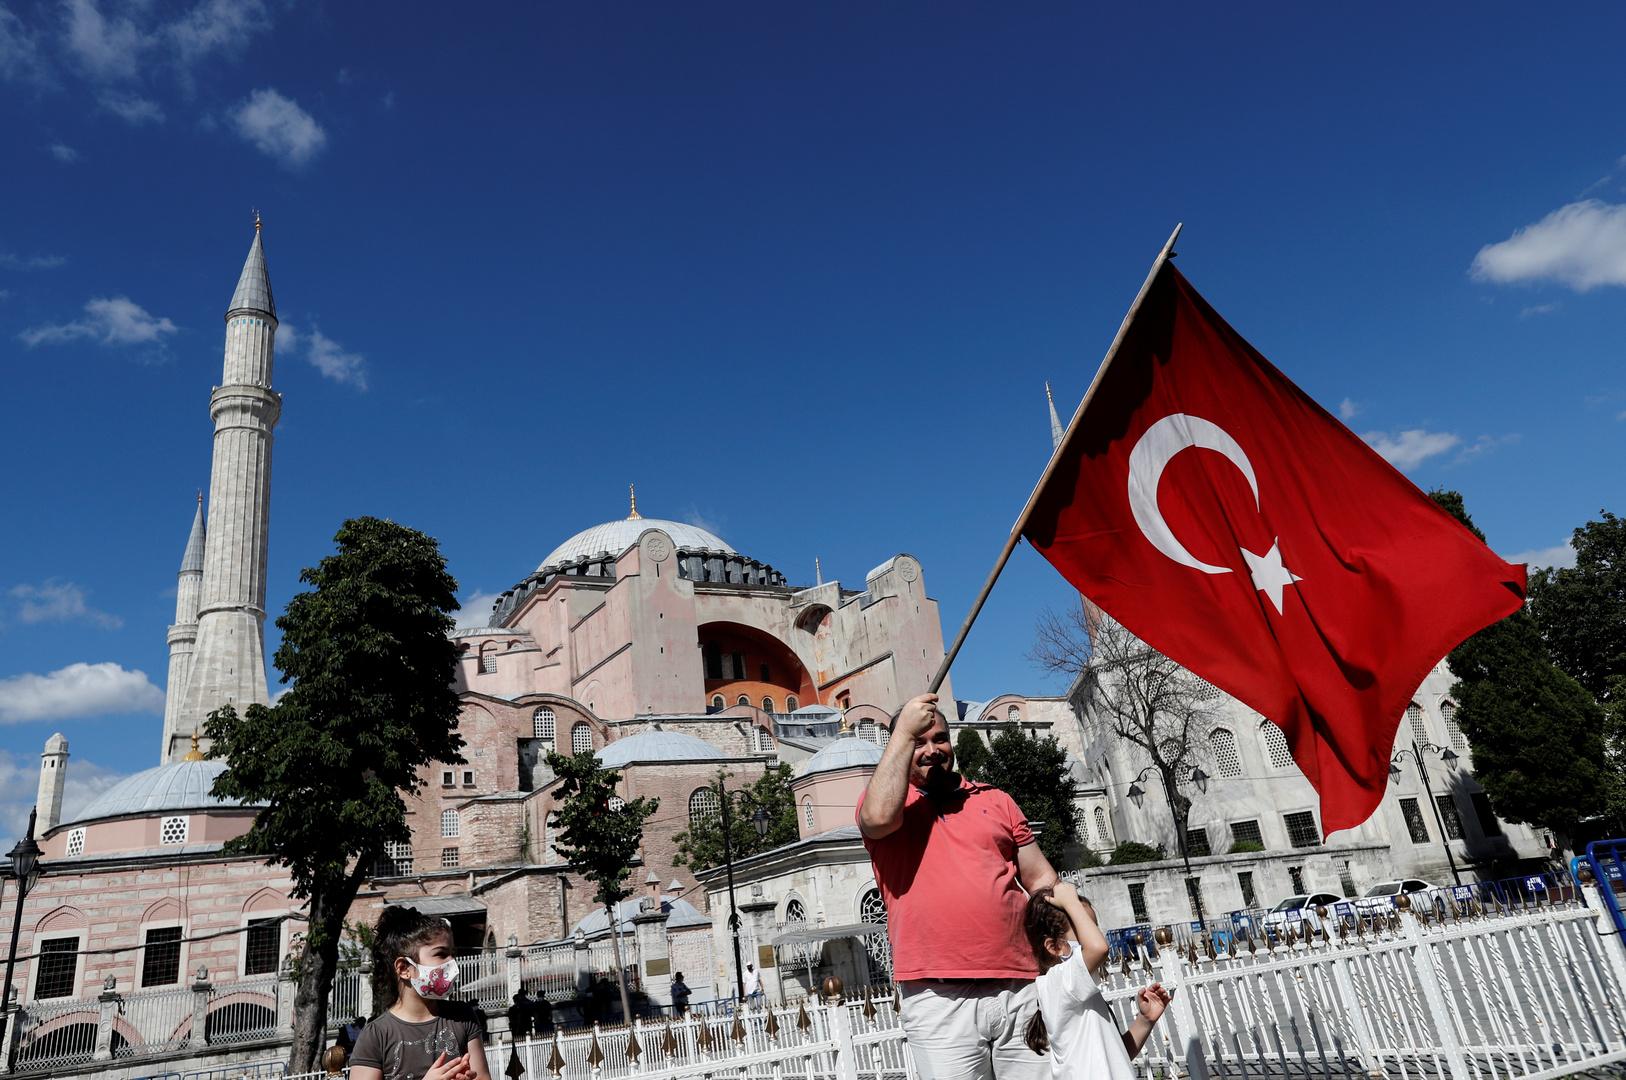 مستشار خامنئي: آيا صوفيا سيظل مسجدا حتى يوم القيامة والشعب التركي ممتن لأردوغان